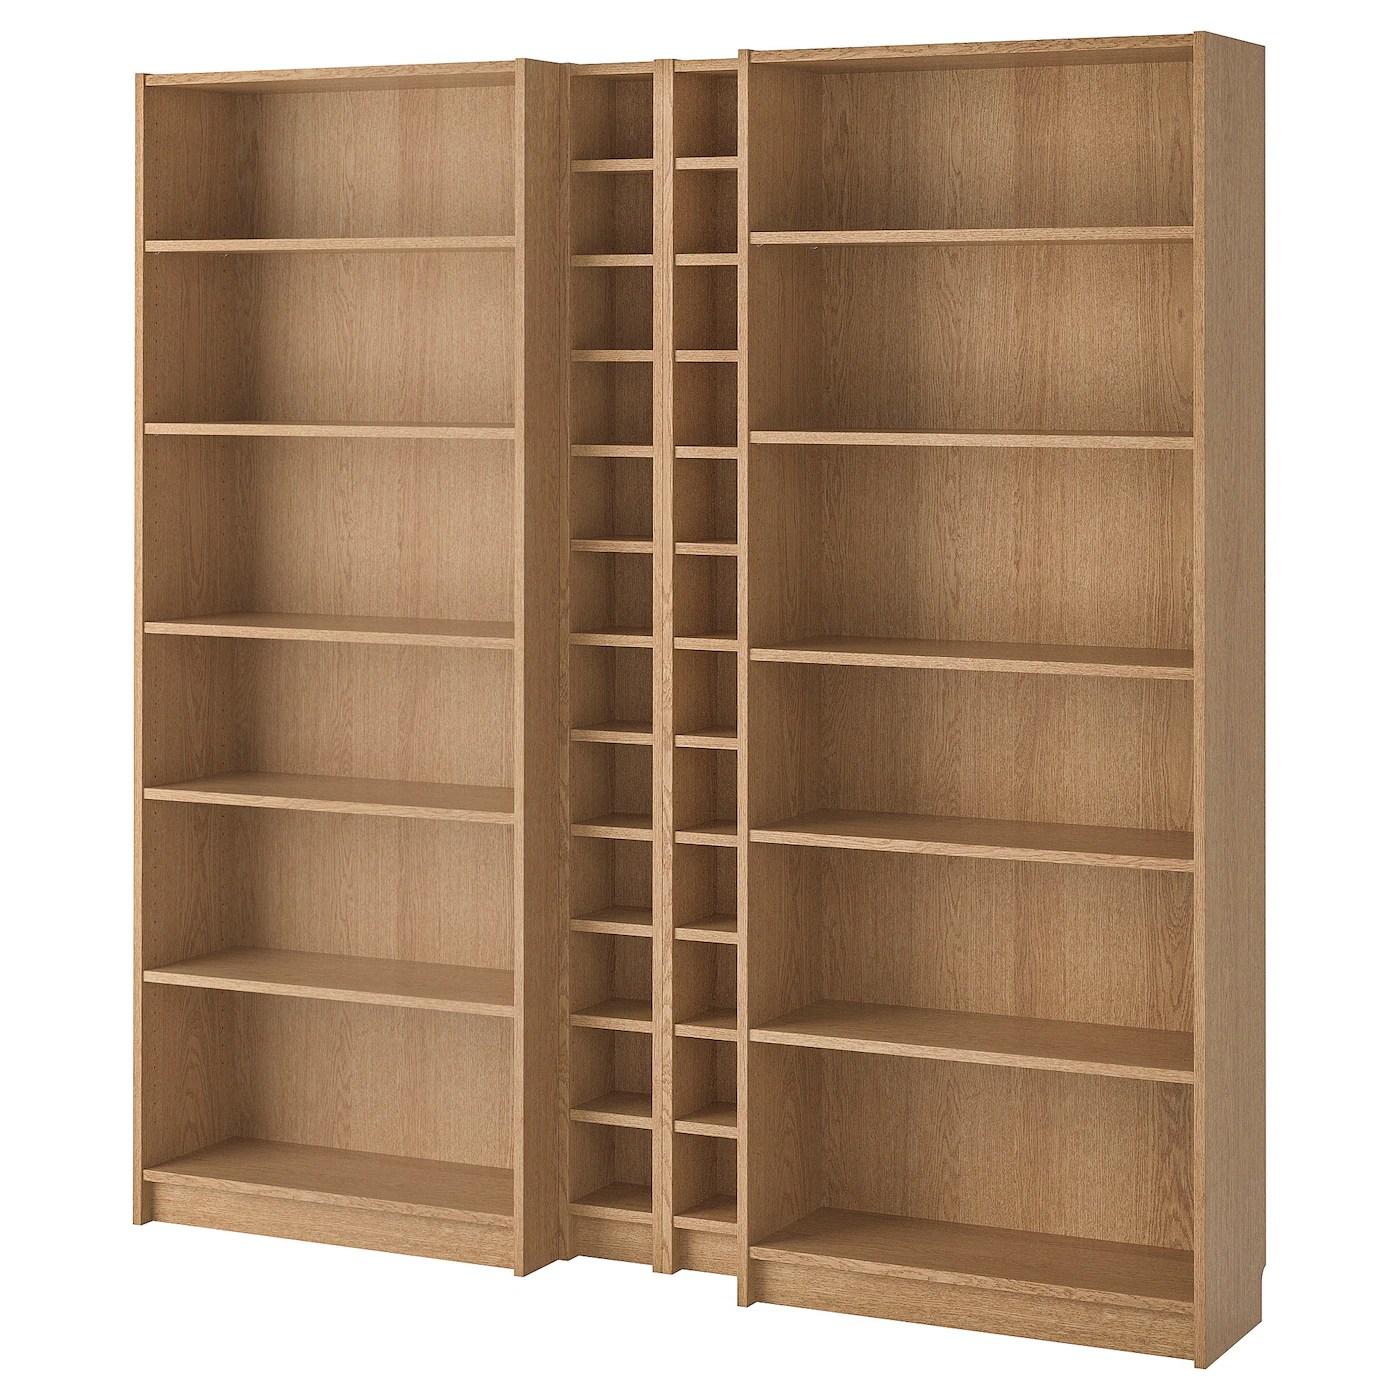 BILLY / GNEDBY Bookcase, oak veneer oak, 200x28x202 cm ...